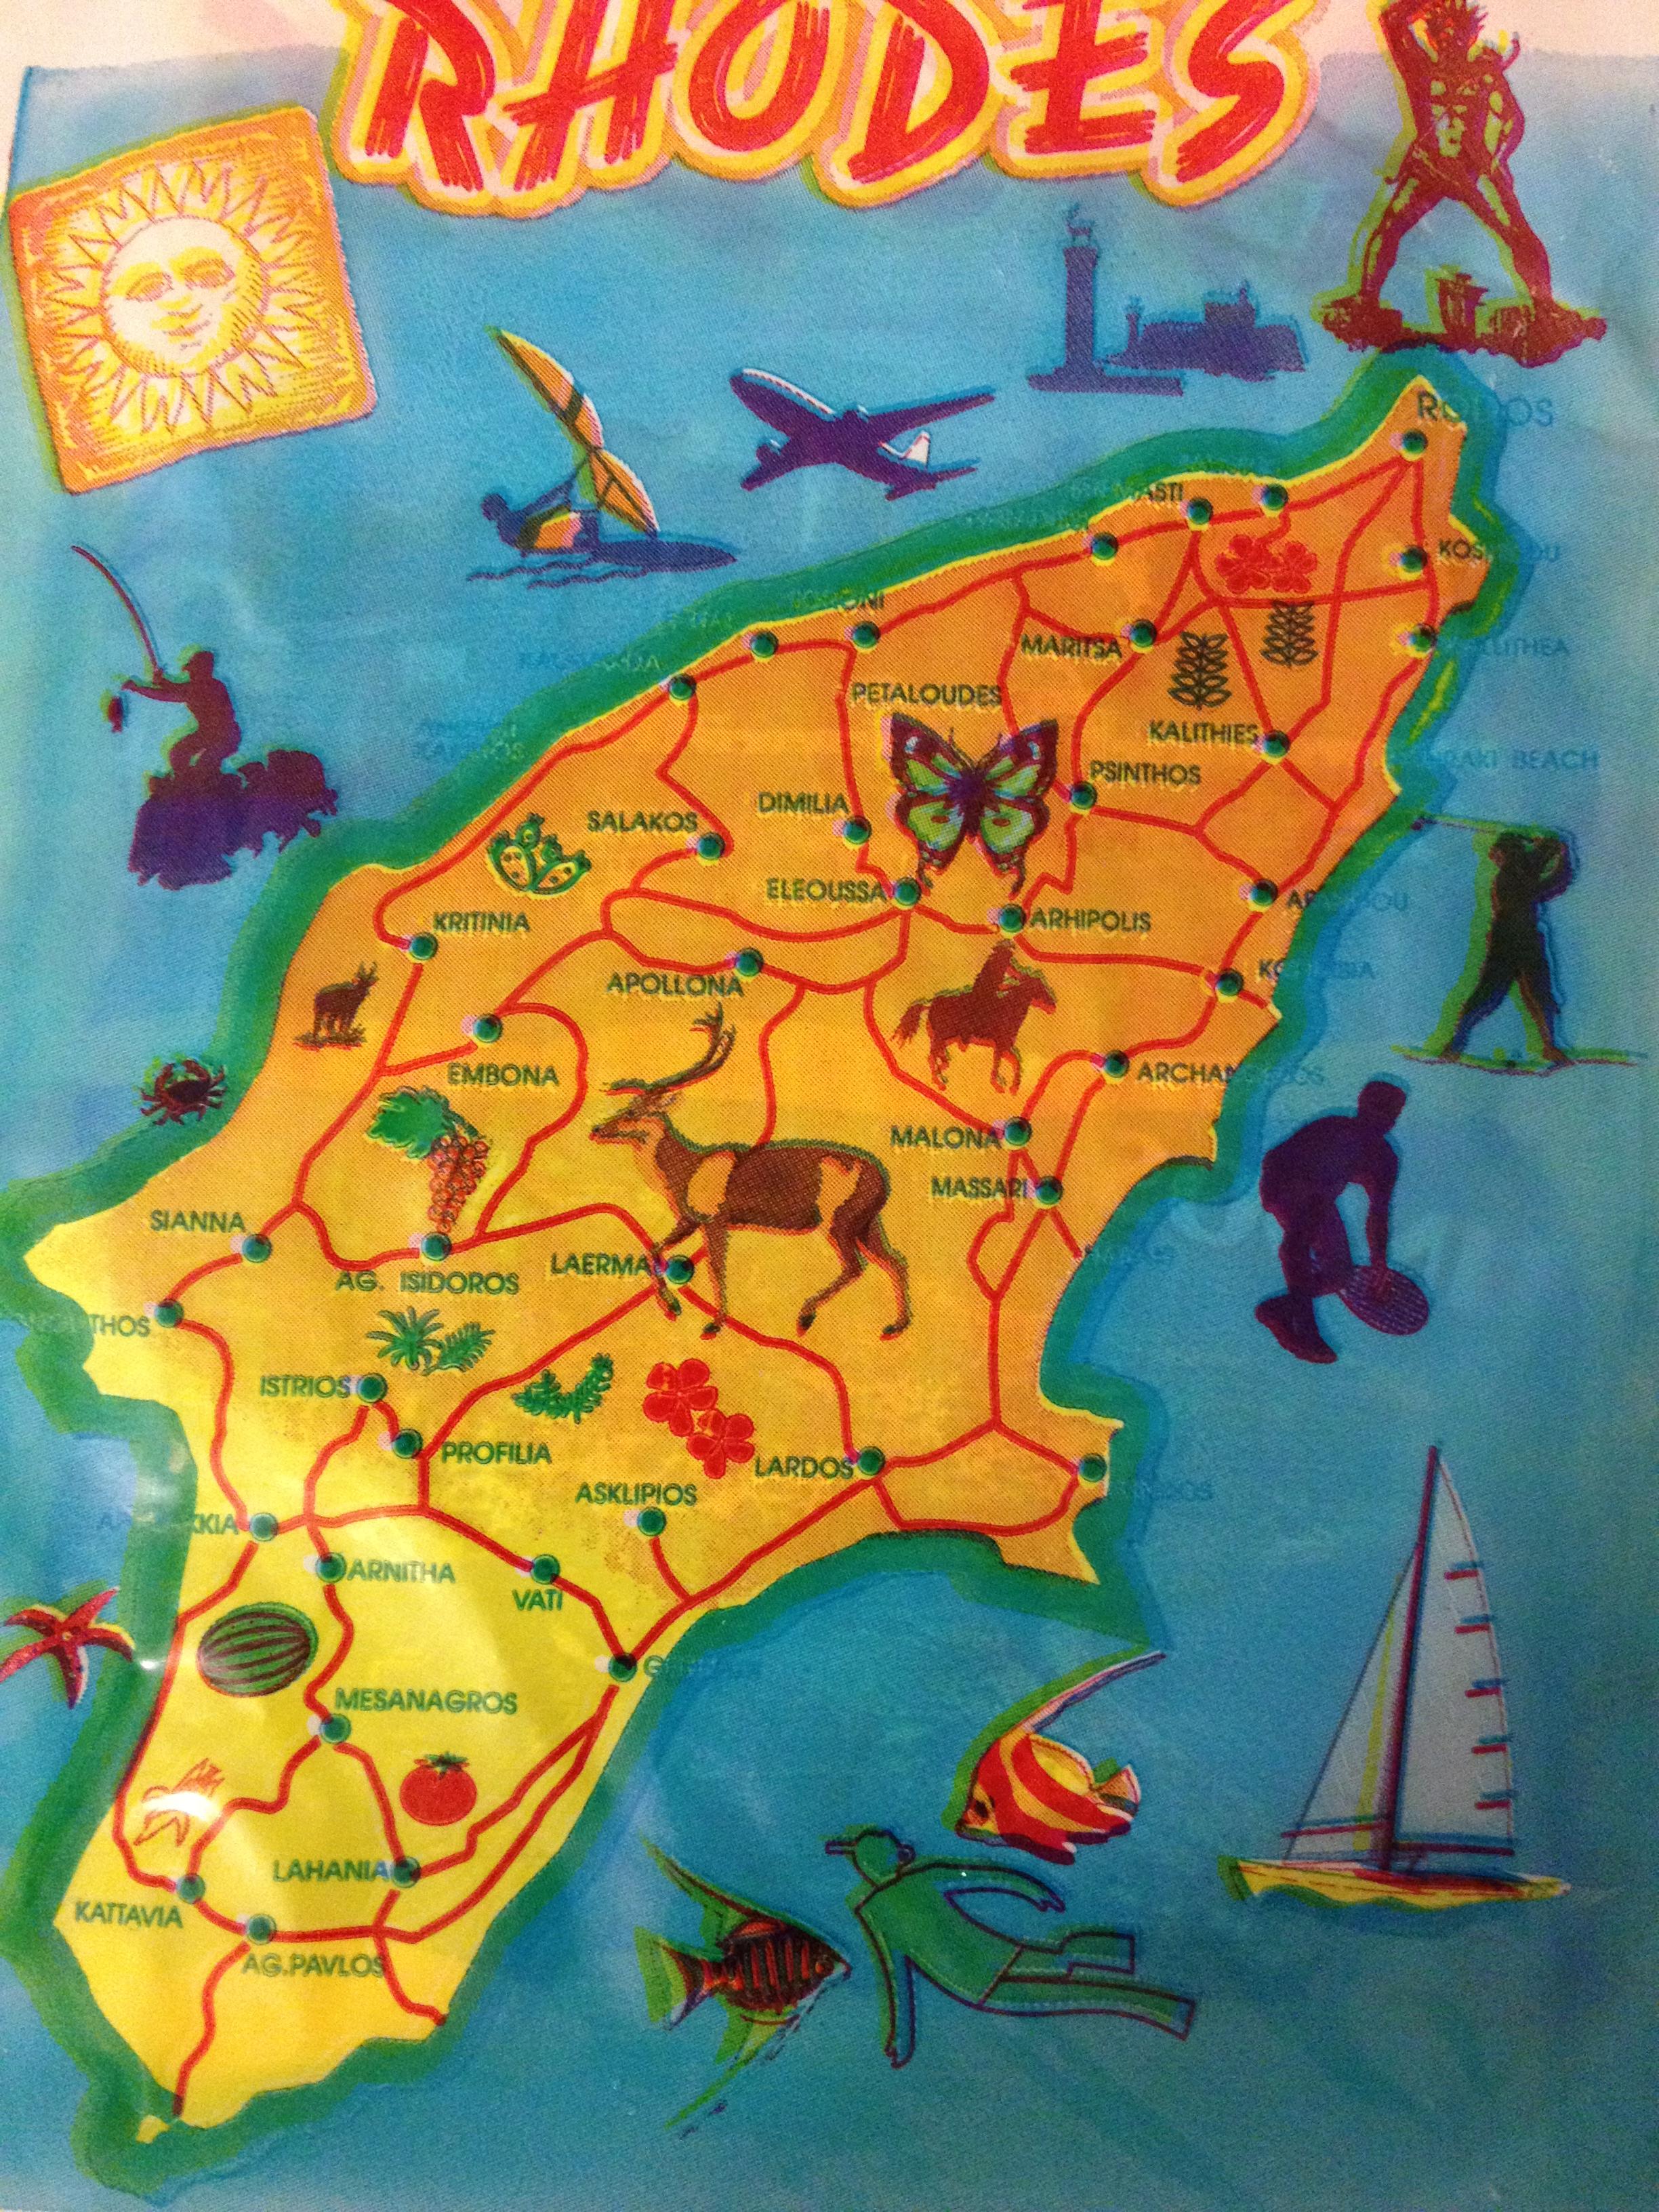 רודוס גן העדן שלי by Shulamit Sapir-Nevo - Illustrated by שולמית ספיר-נבו - Ourboox.com